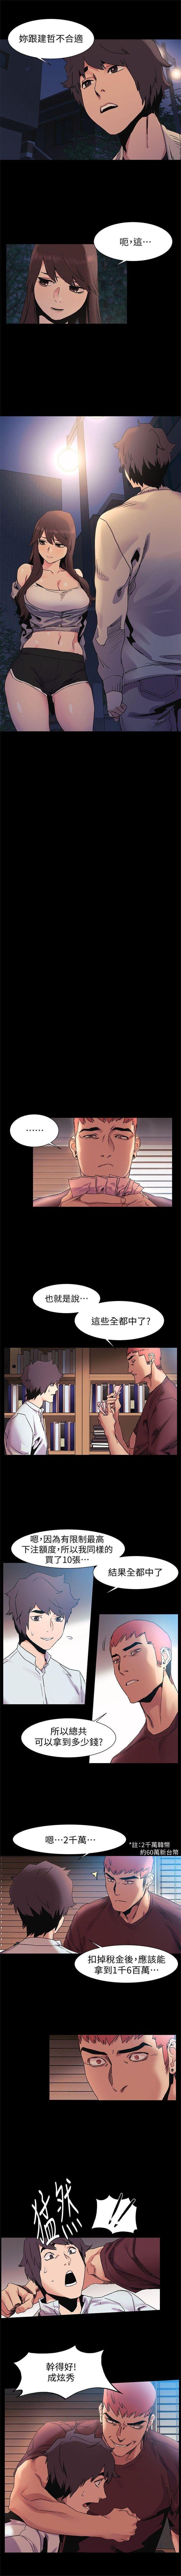 (週5)衝突 1-94 中文翻譯 (更新中) 193